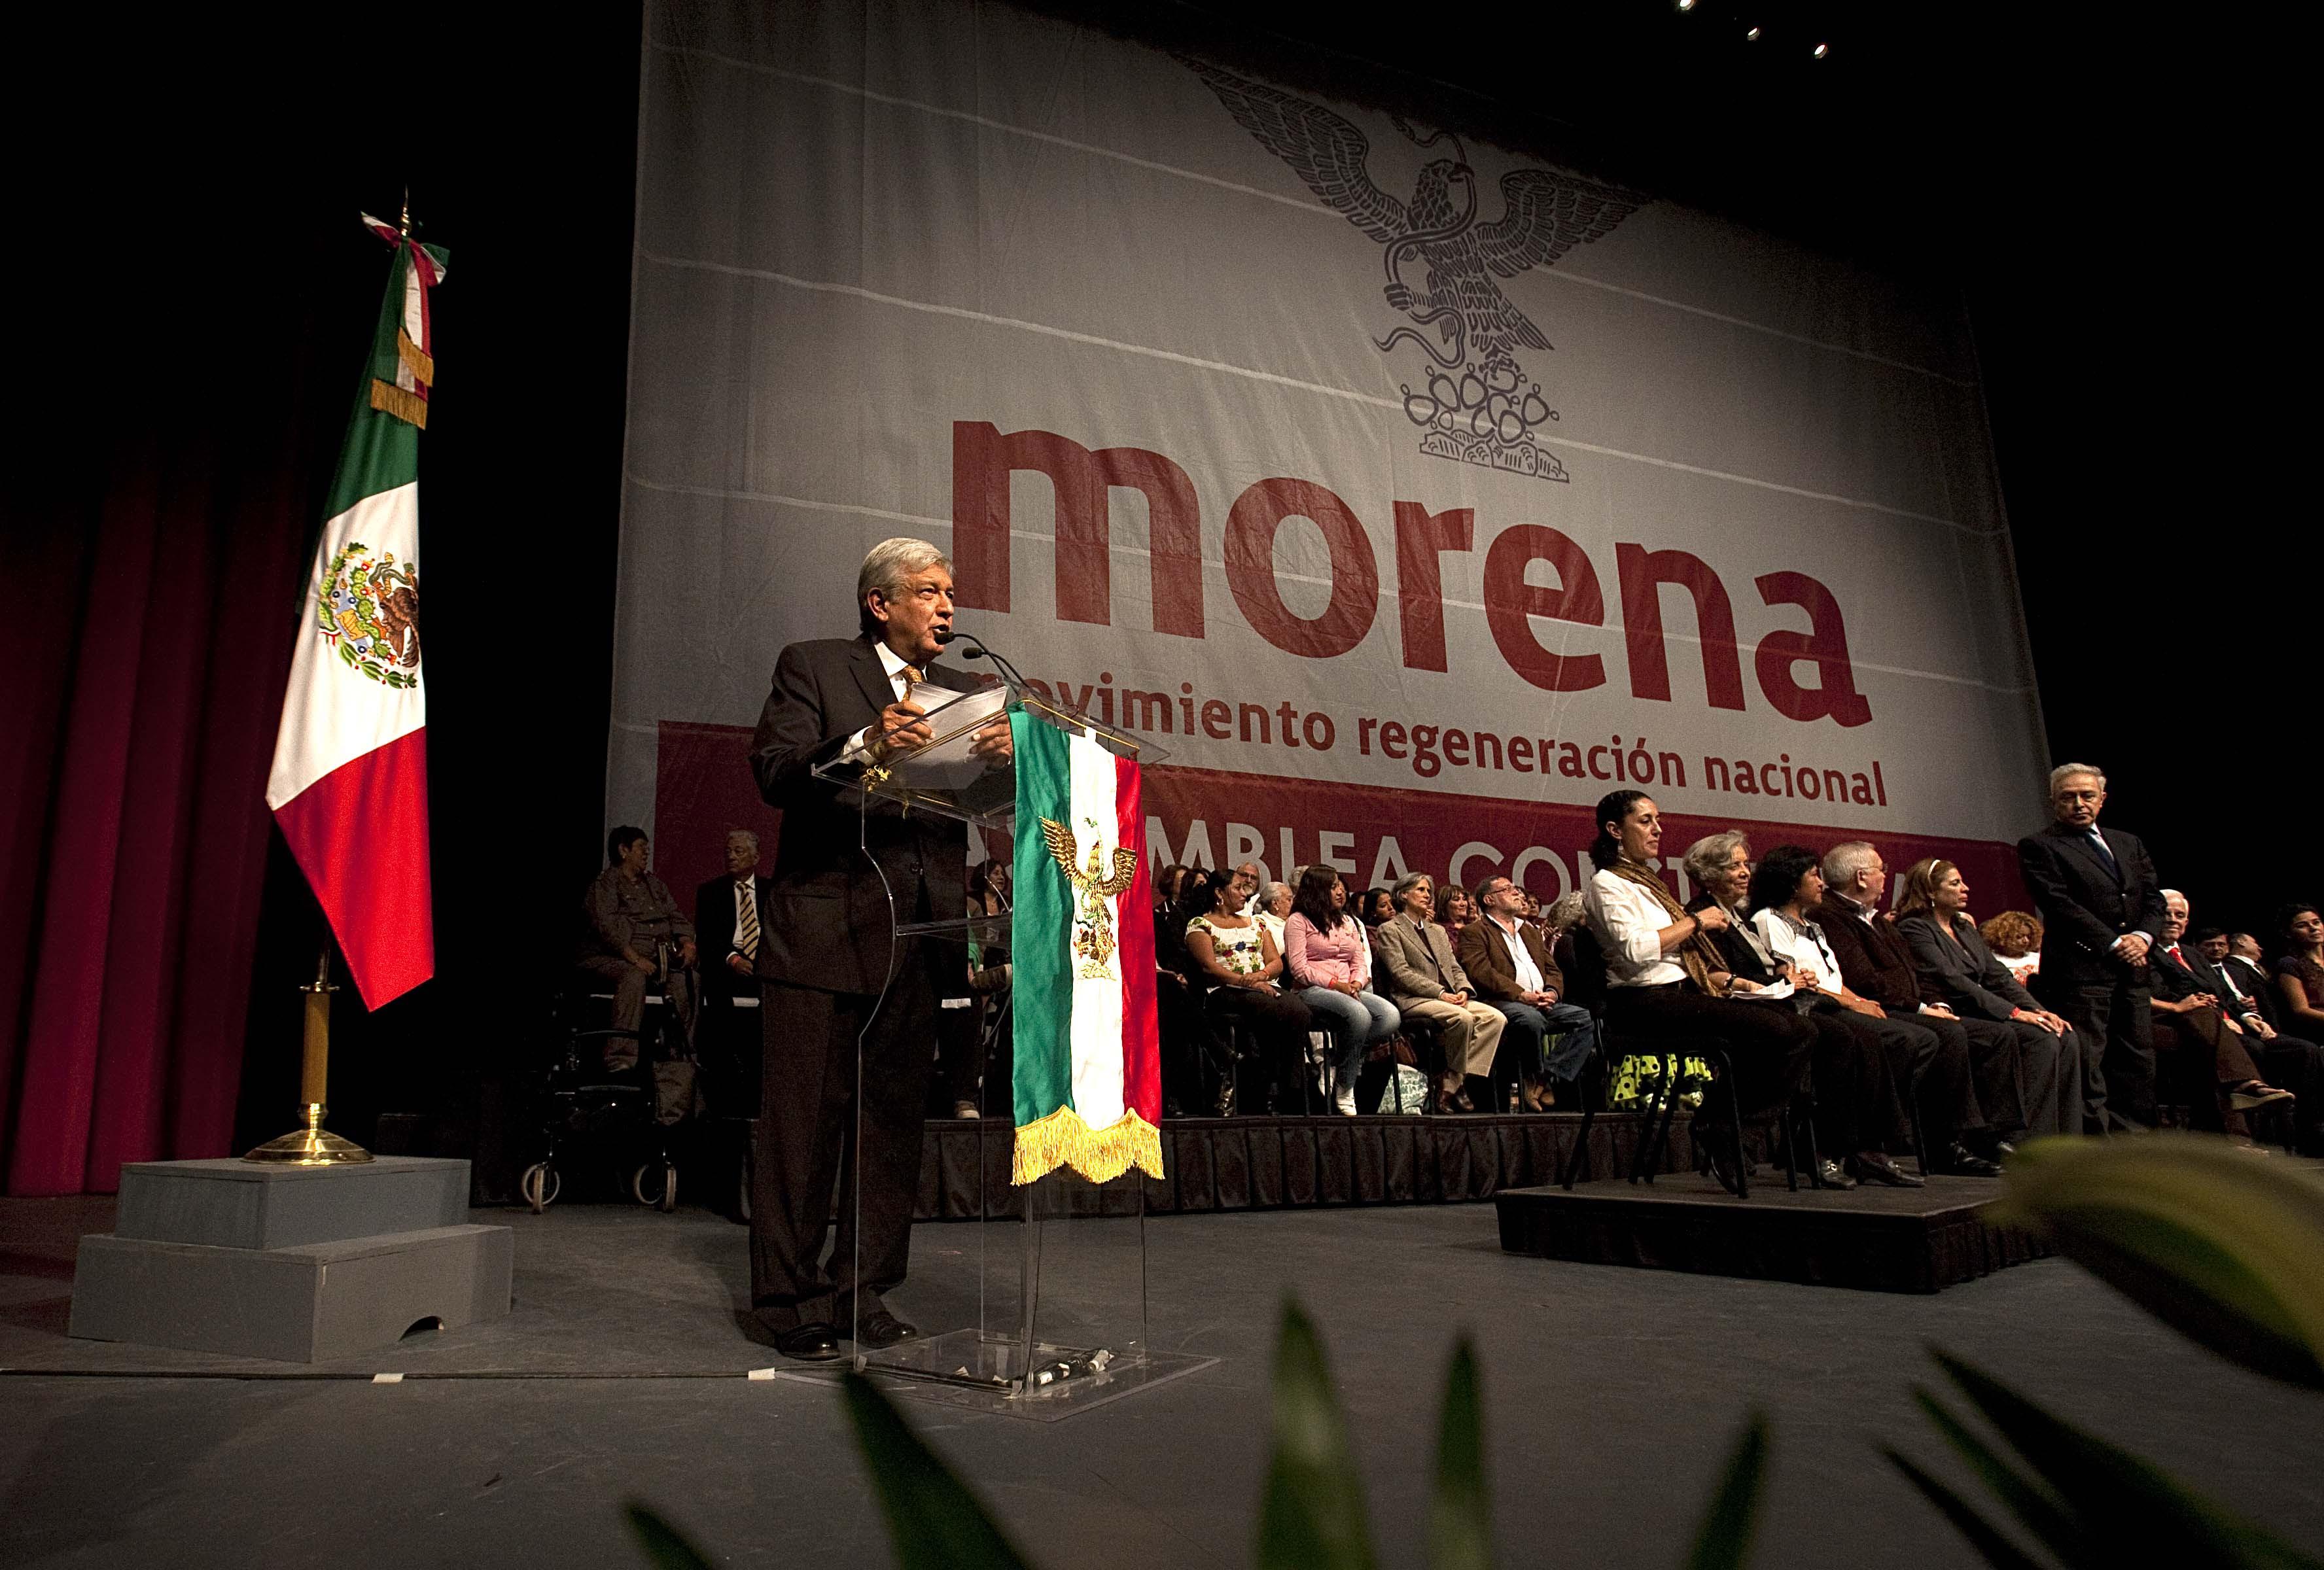 Andrés Manuel López Obrador durante la fundación de Morena en octubre de 2011. Foto: Germán Canseco